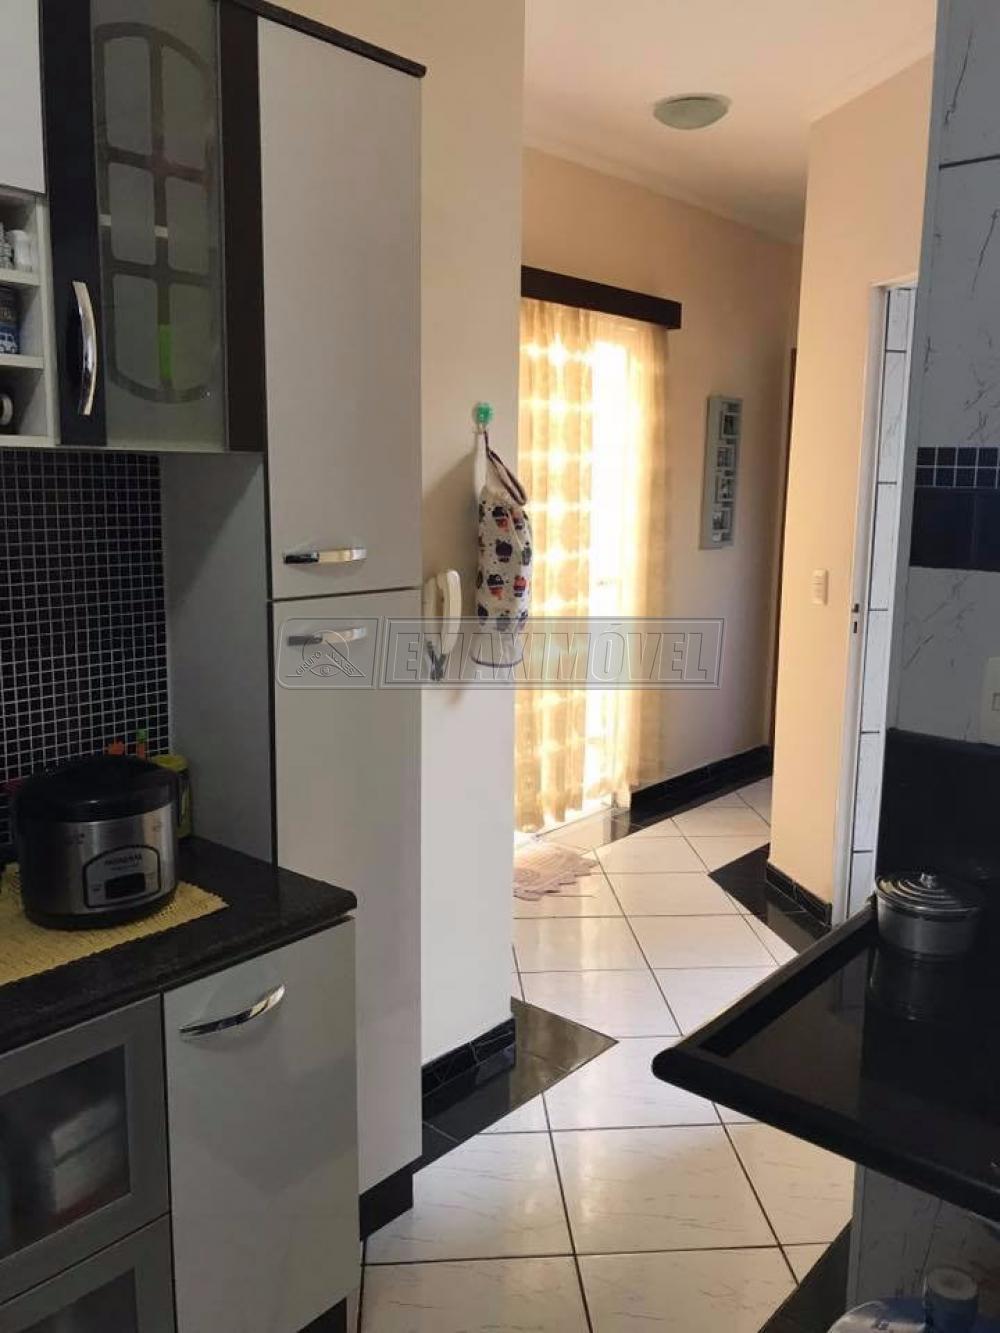 Comprar Casas / em Bairros em Sorocaba apenas R$ 321.000,00 - Foto 4